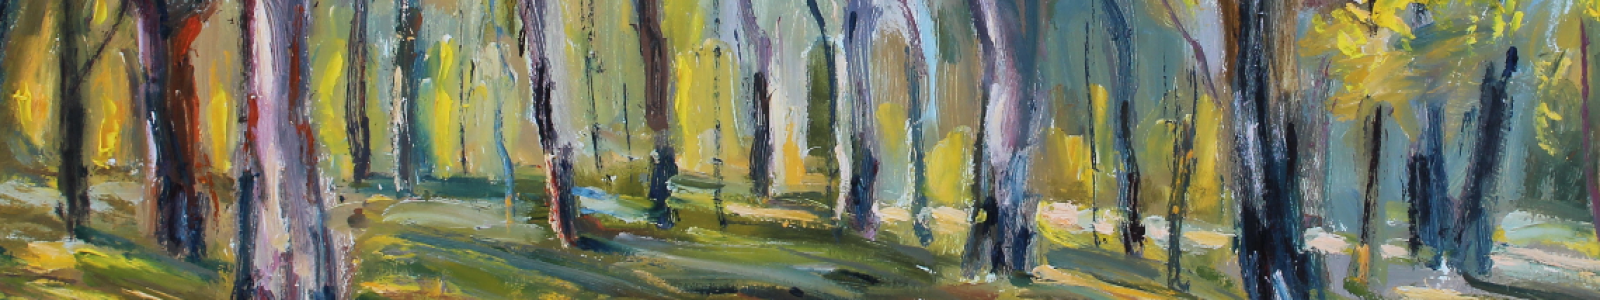 Gallery Painter Andrey Lychkovsky